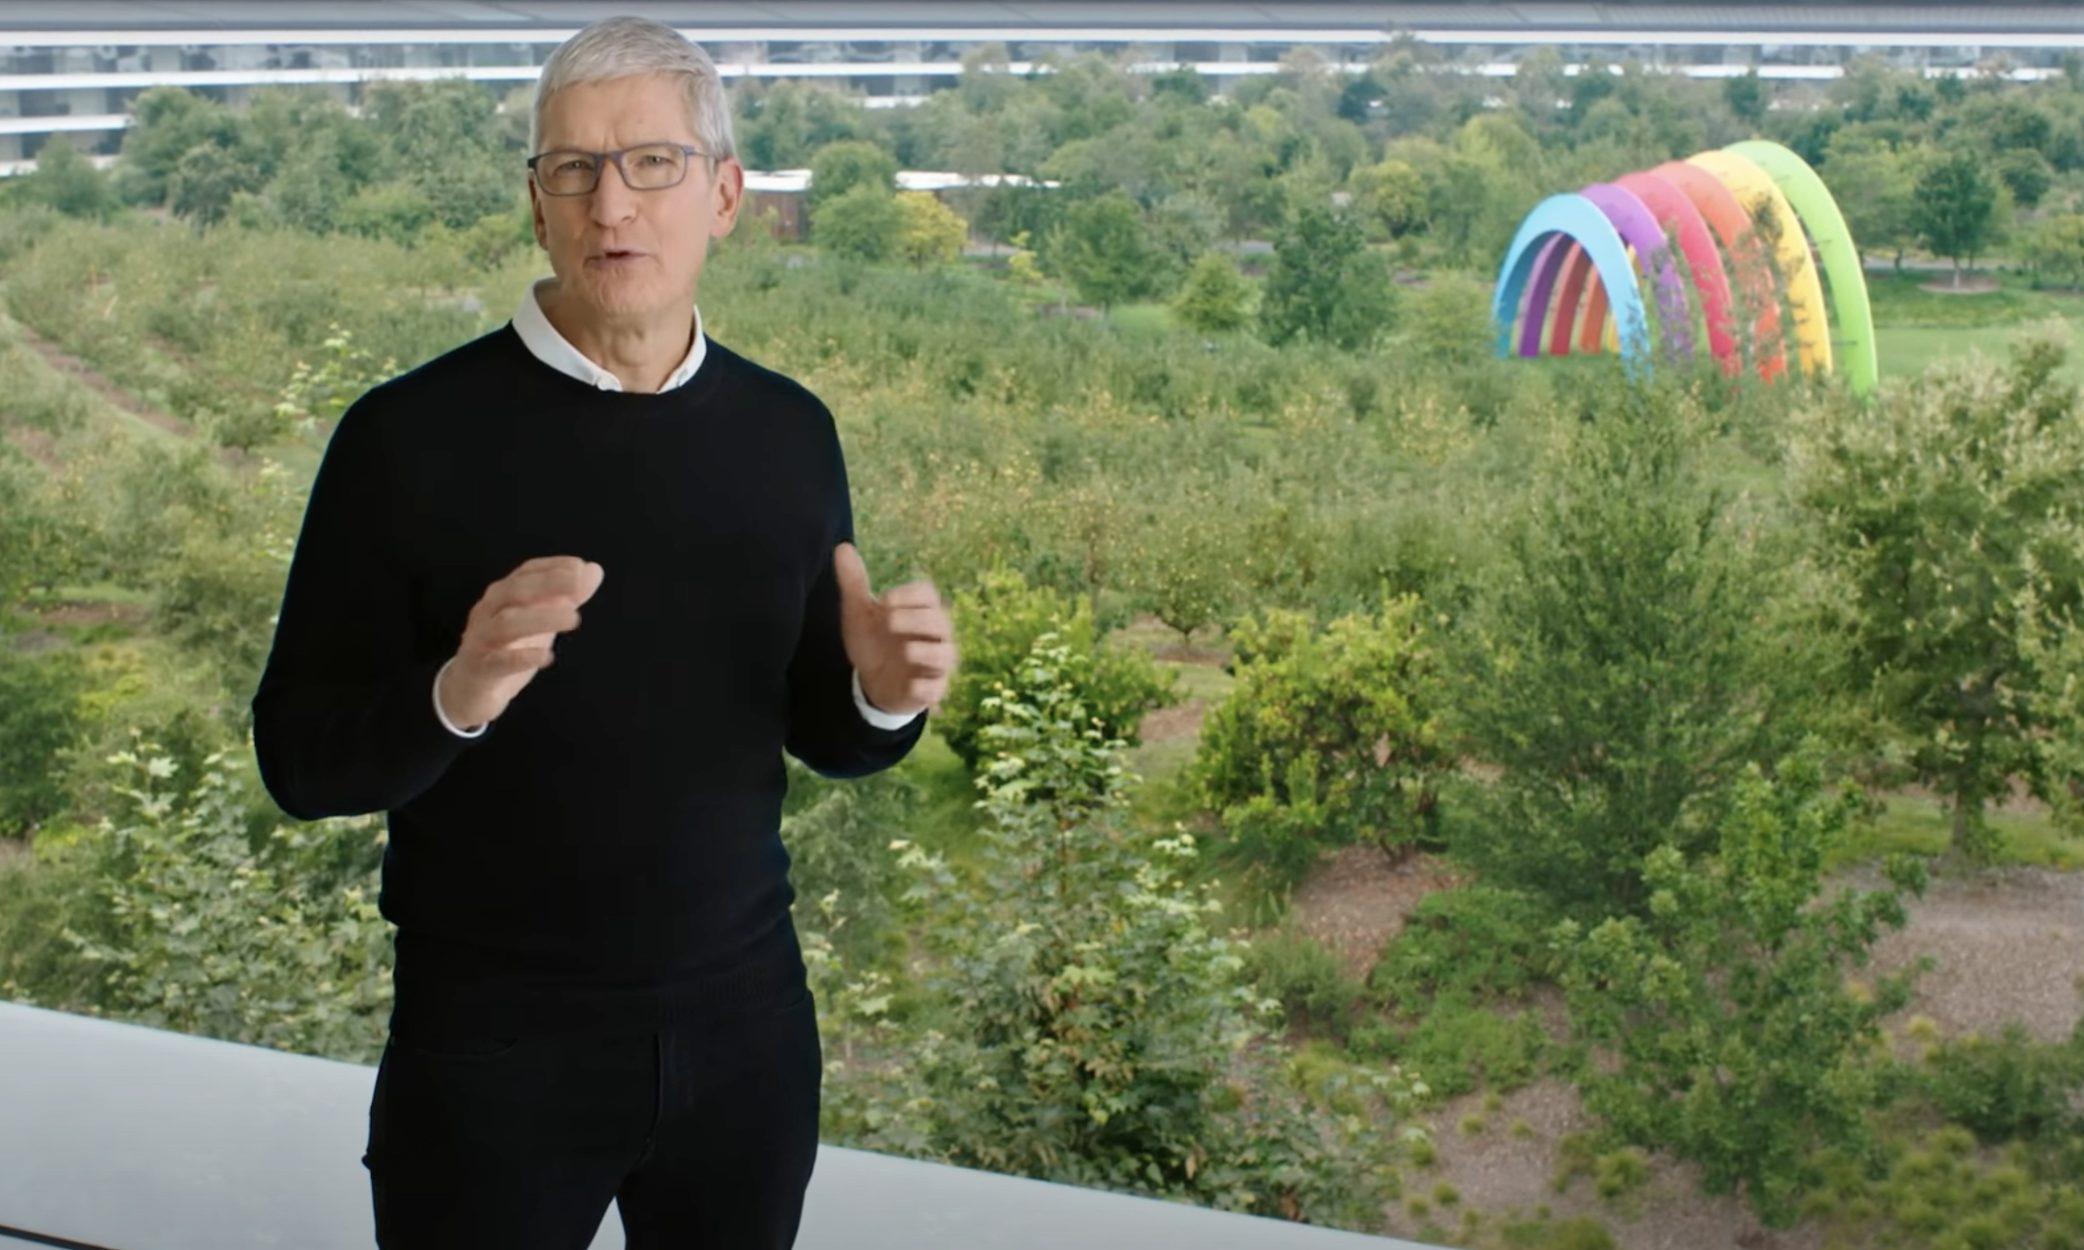 9 月准时登场,iPhone 13 发布会仍将以线上形式举办